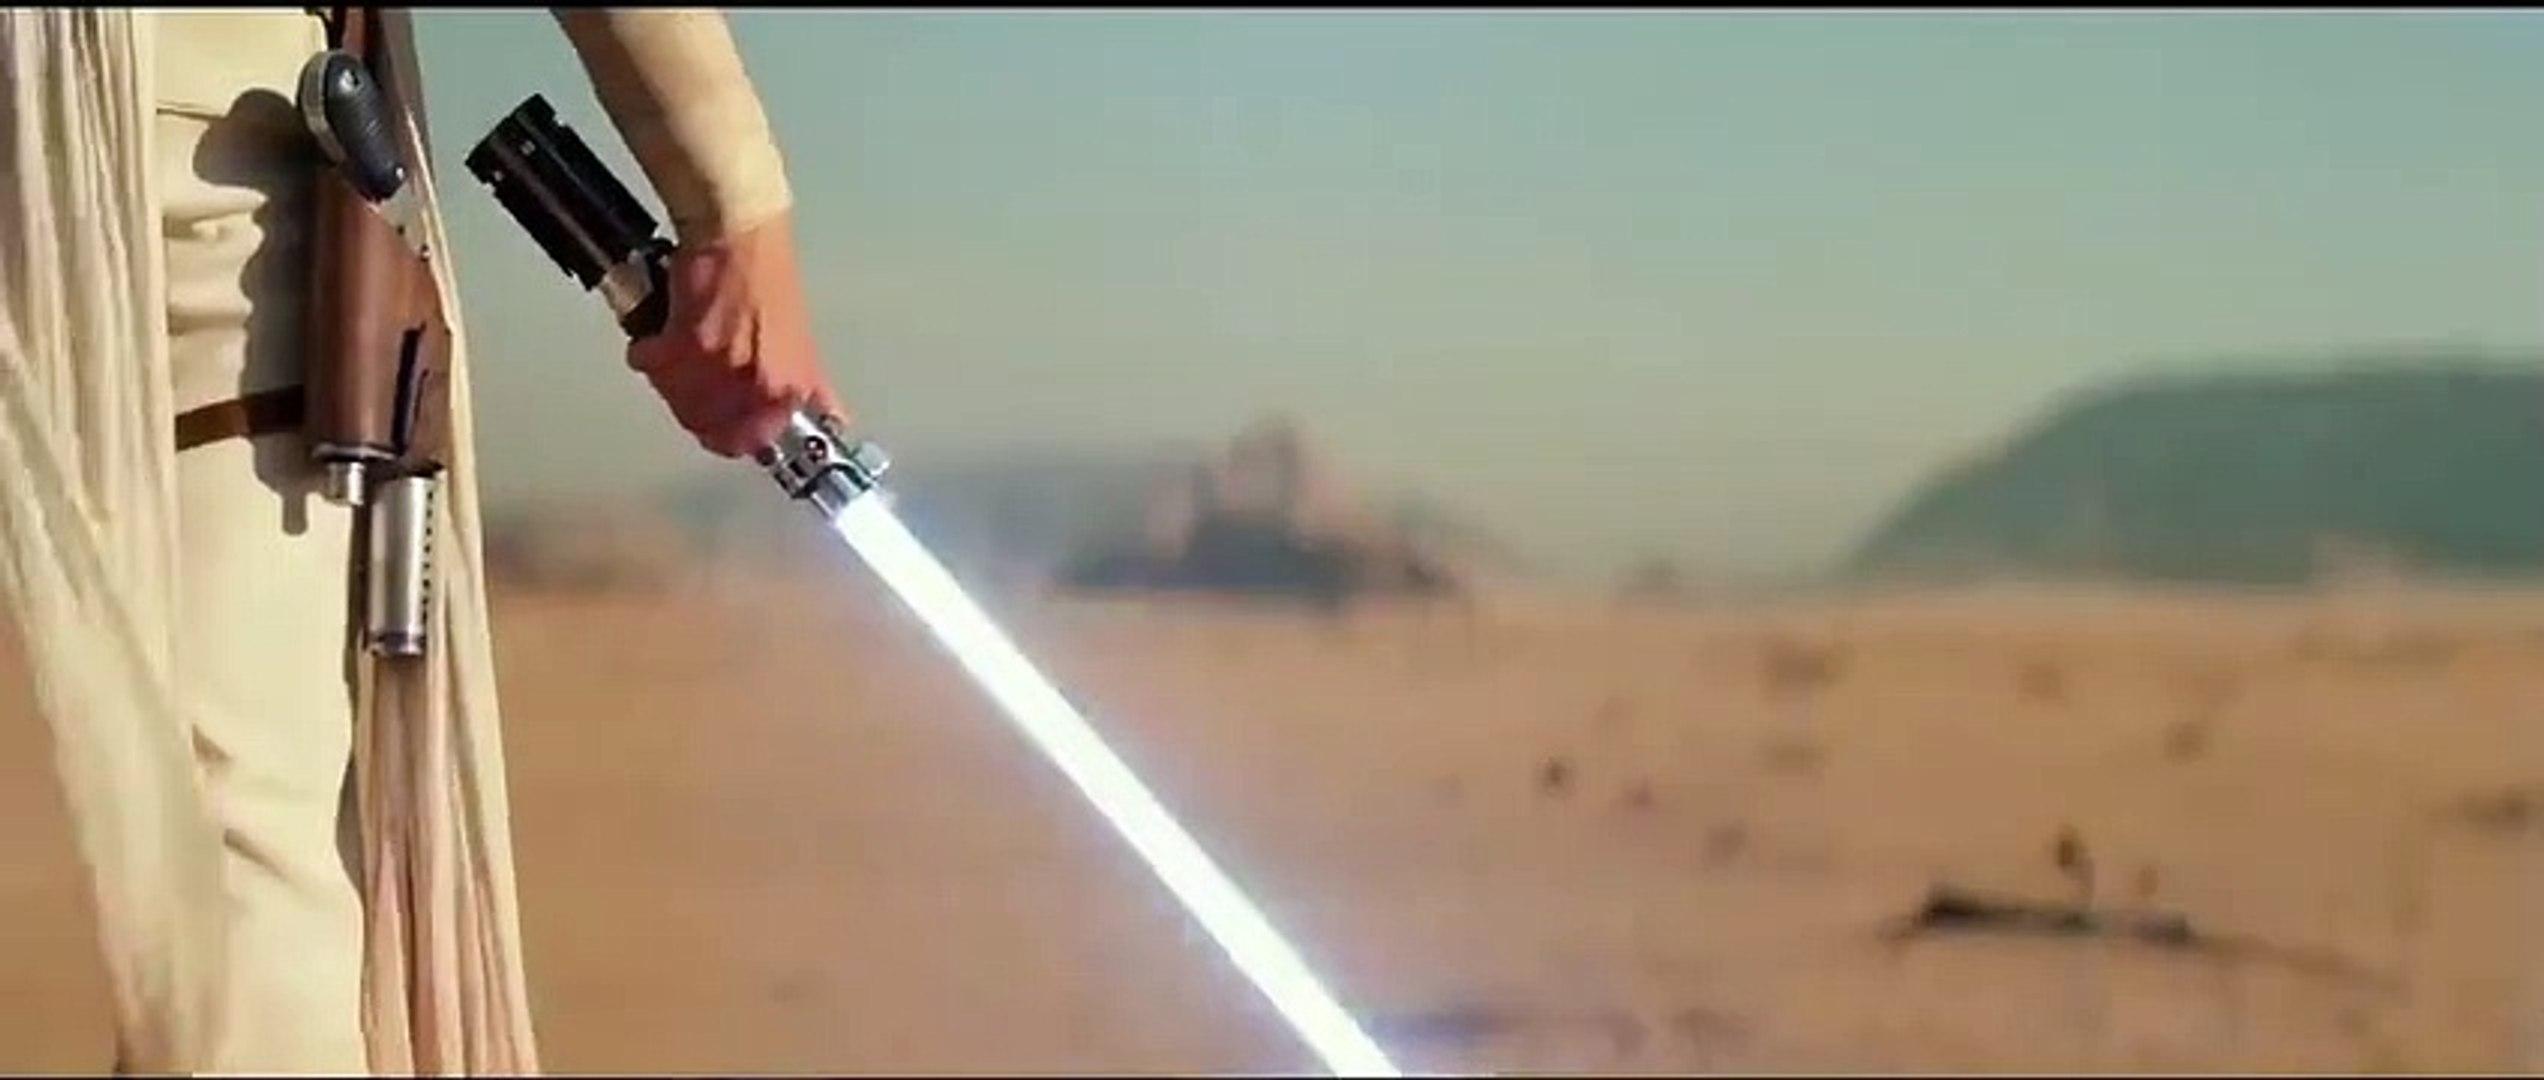 Star Wars The Rise of Skywalker Teaser Trailer 1 (2019)